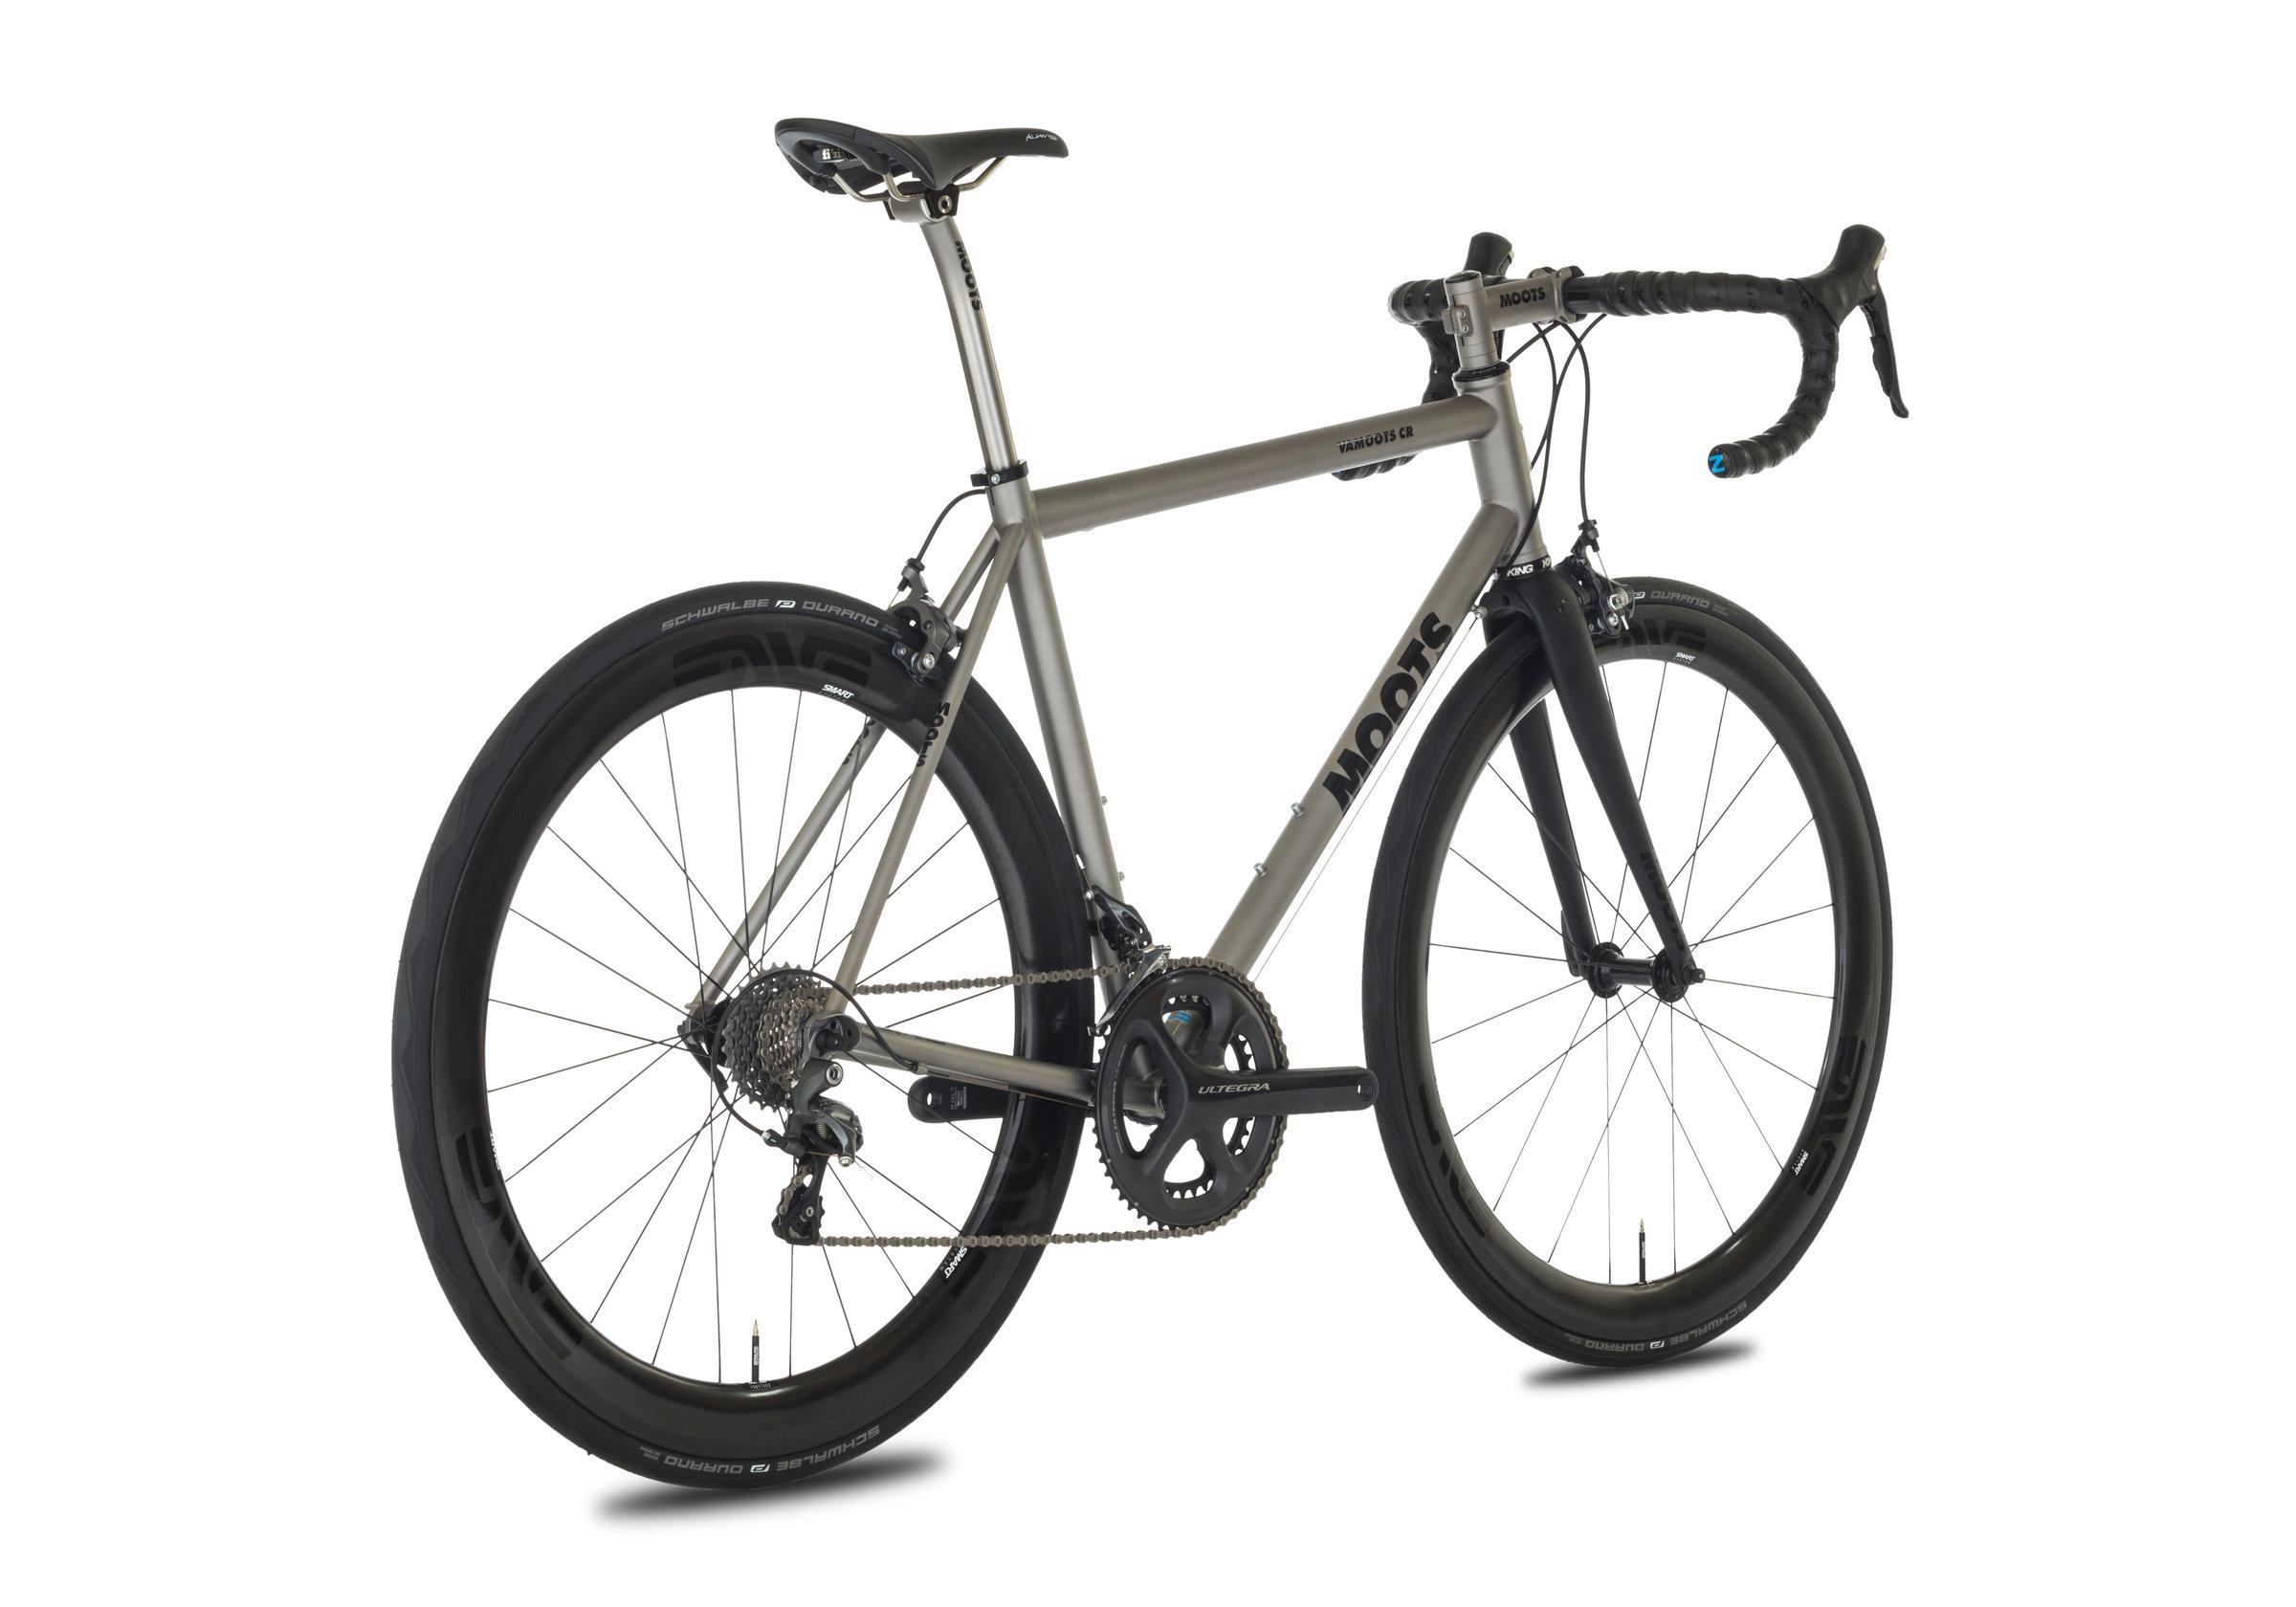 Vamoots CR Bike